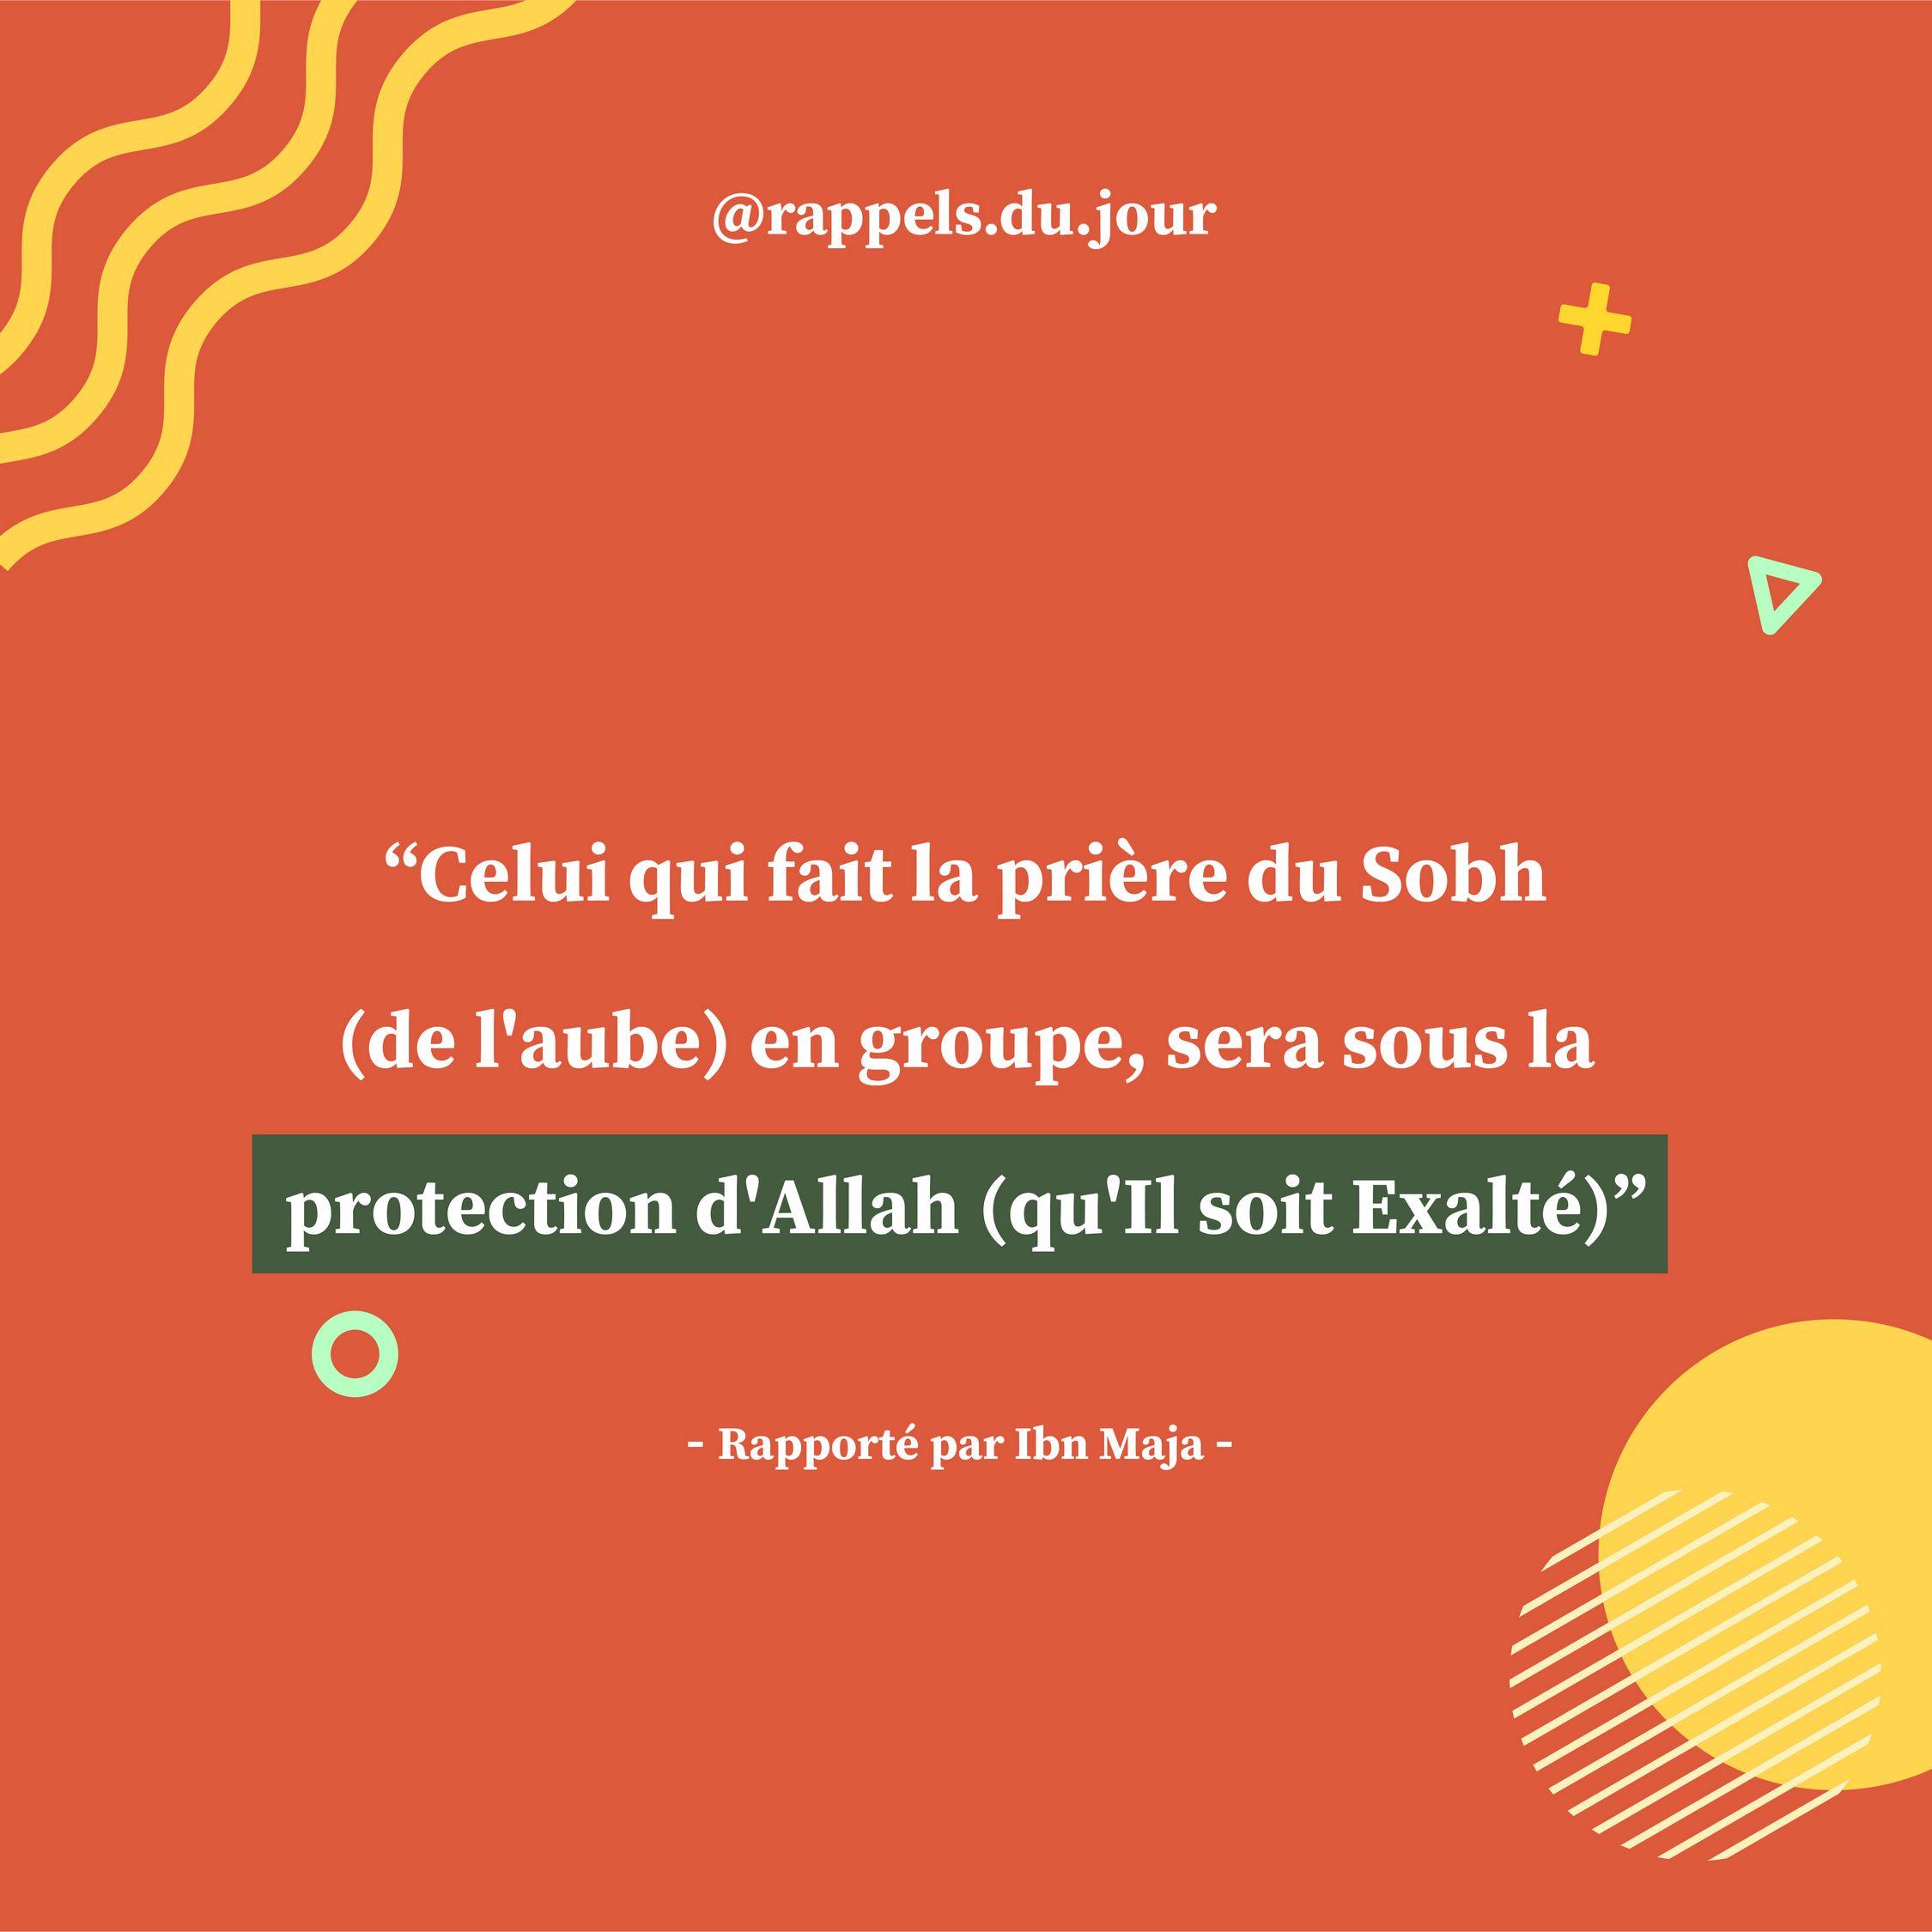 Hadith Samura Ben Jundub - La priere de Fajr